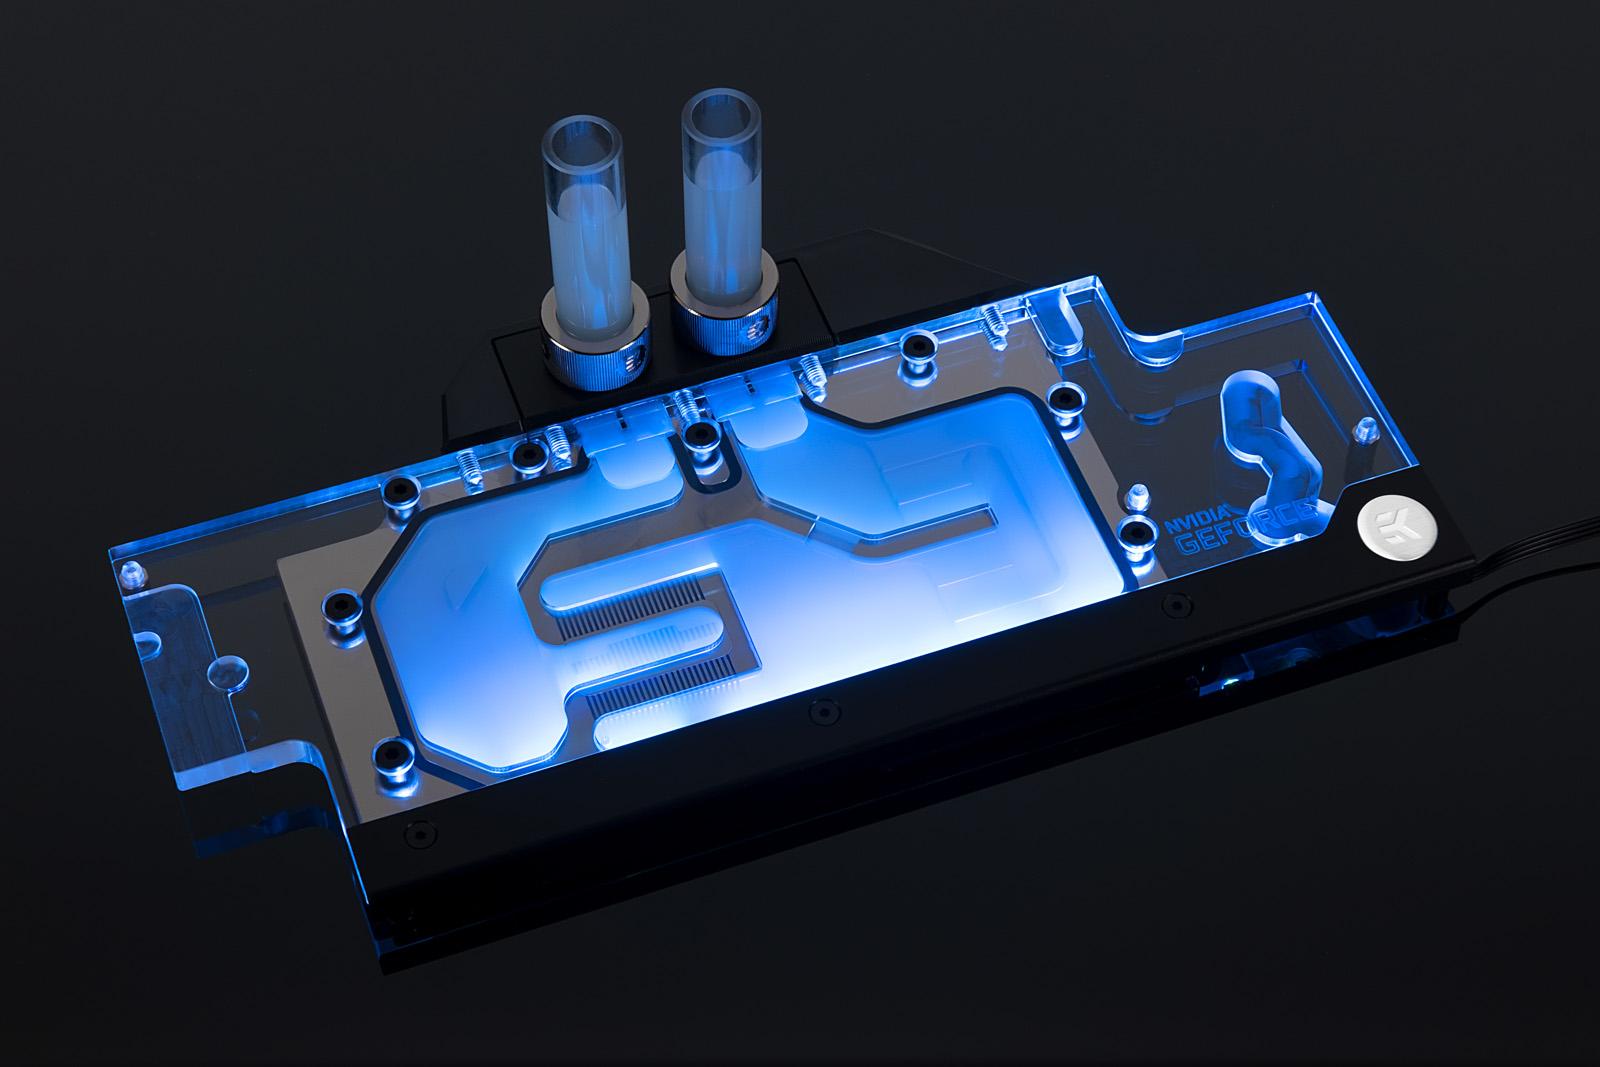 EK® is releasing an RGB water block for NVIDIA® GeForce